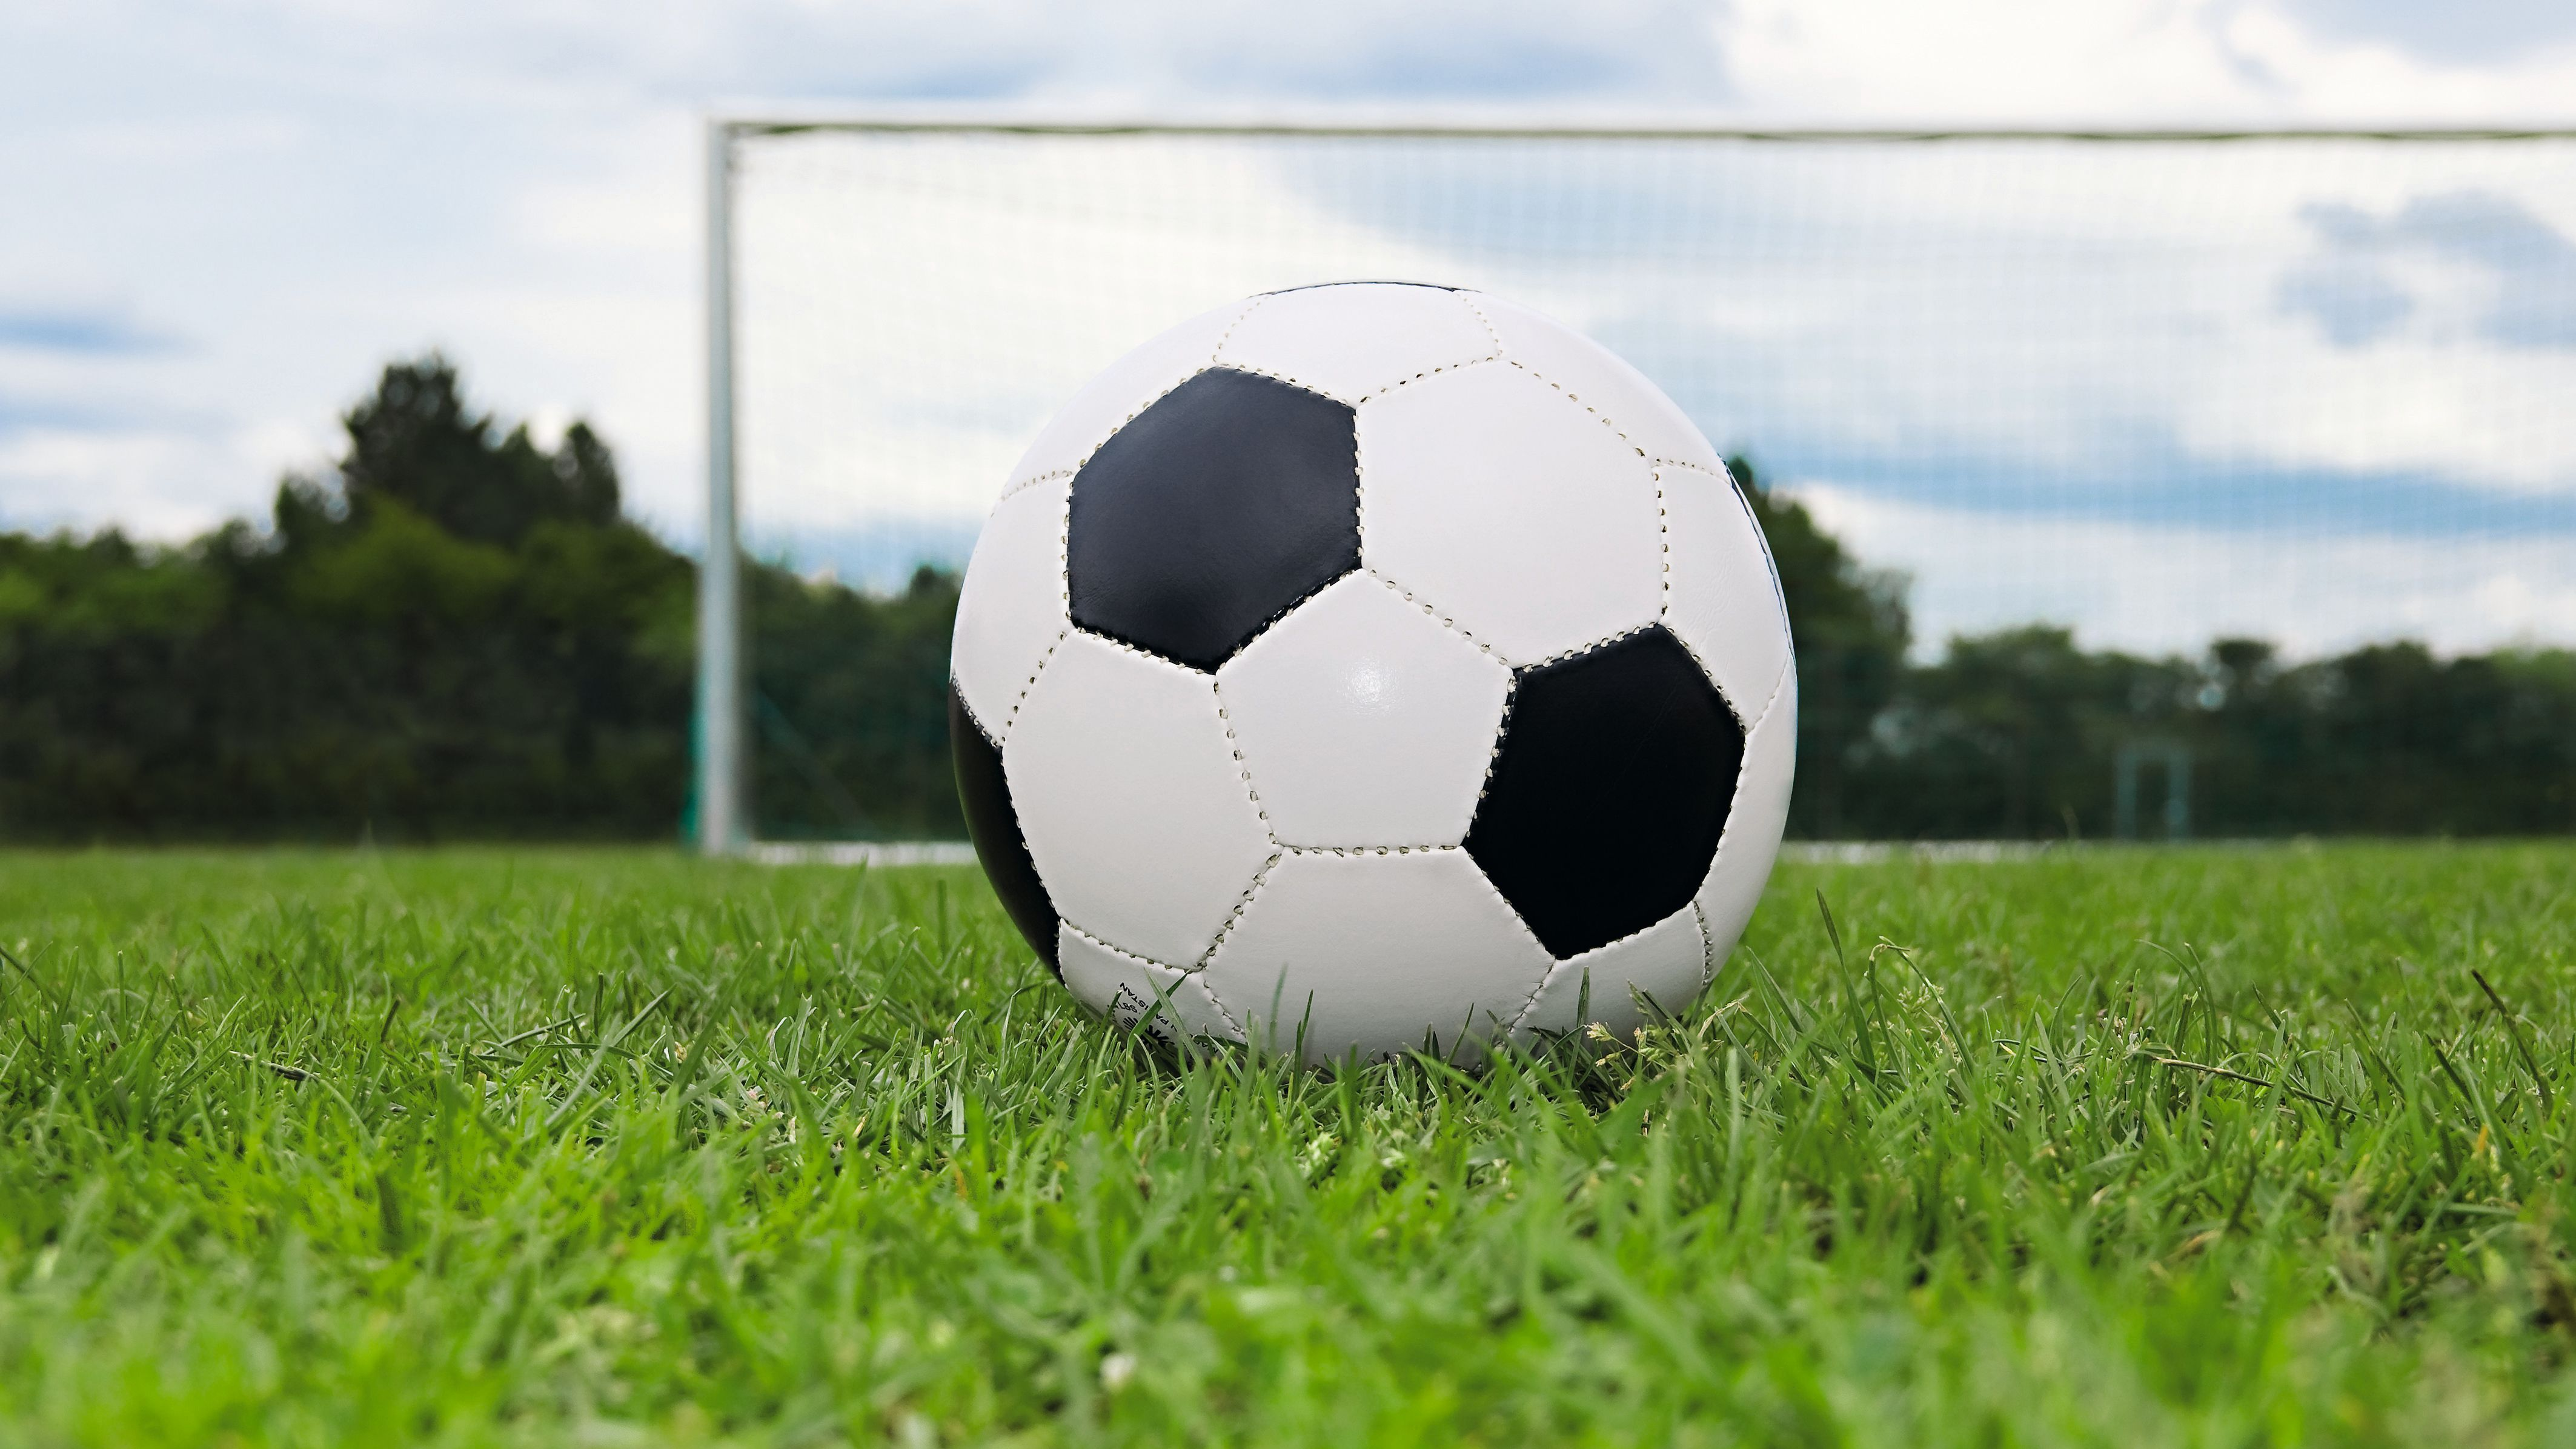 Fußball liegt auf dem Rasen vor einem Tor (Symbolbild)